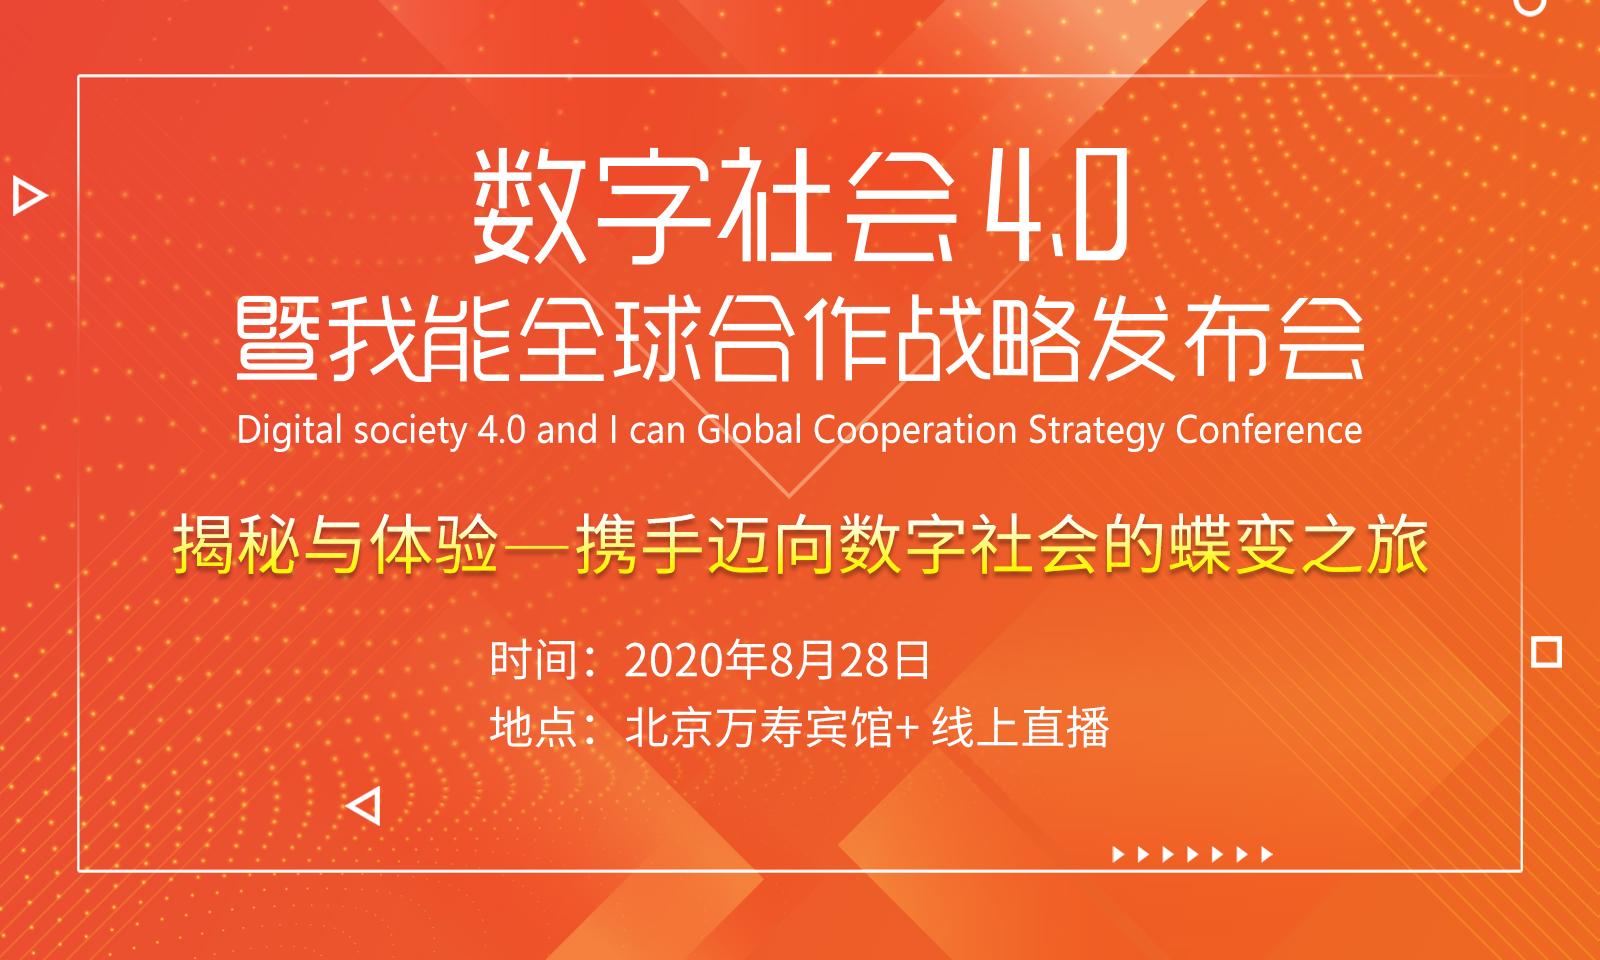 数字社会4.0暨我能全球合作战略论坛